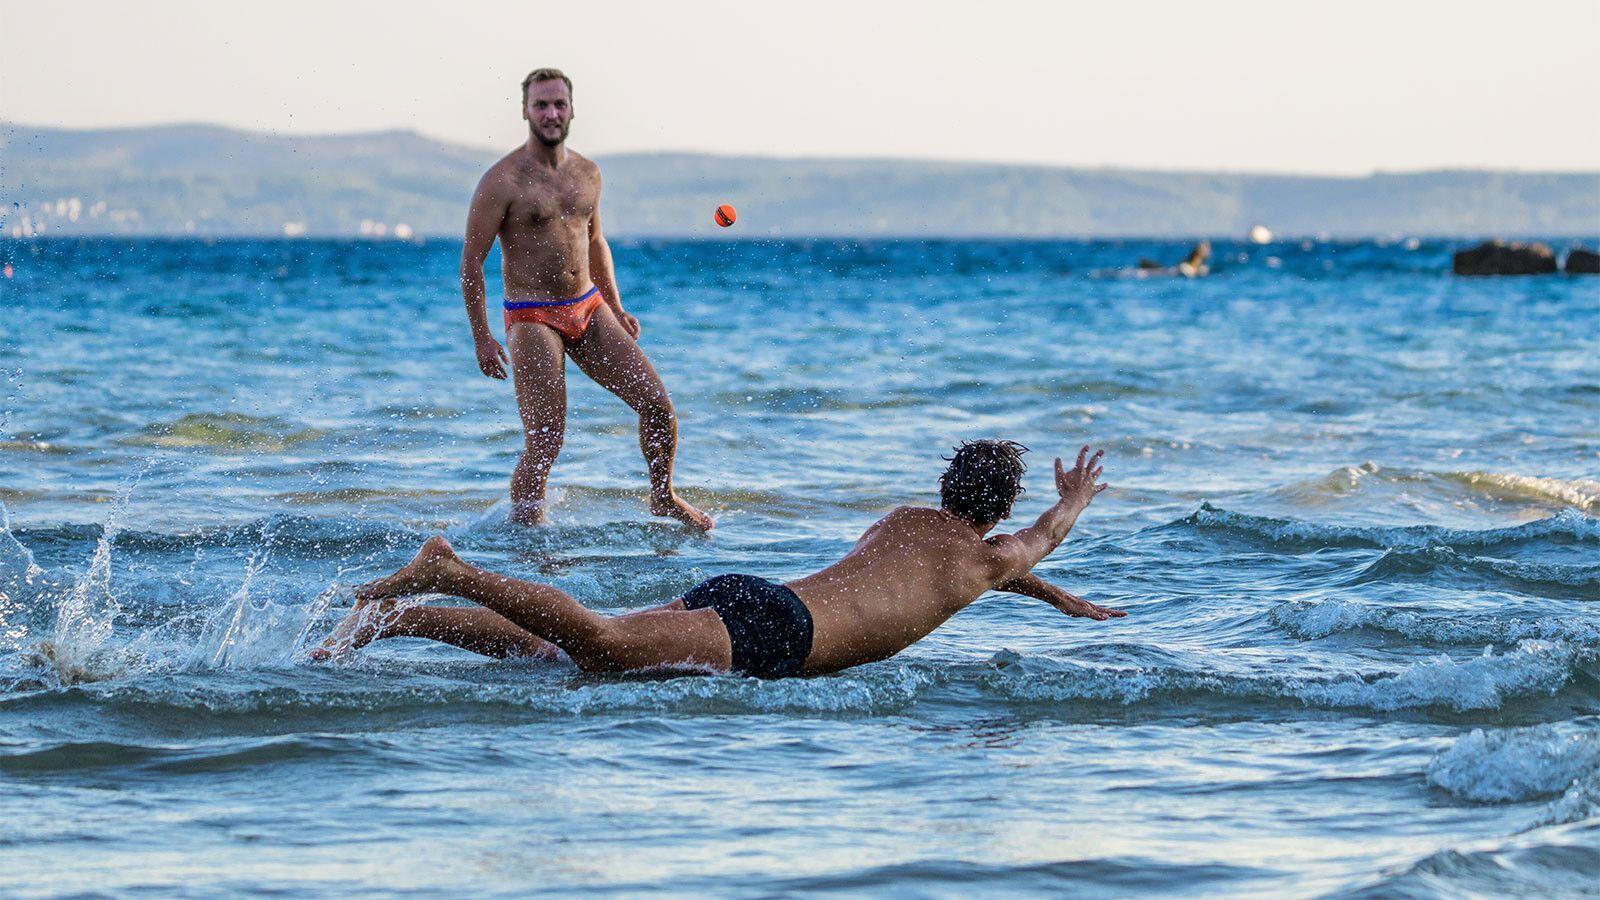 Спорт поможет не набрать лишнего веса в отпуске